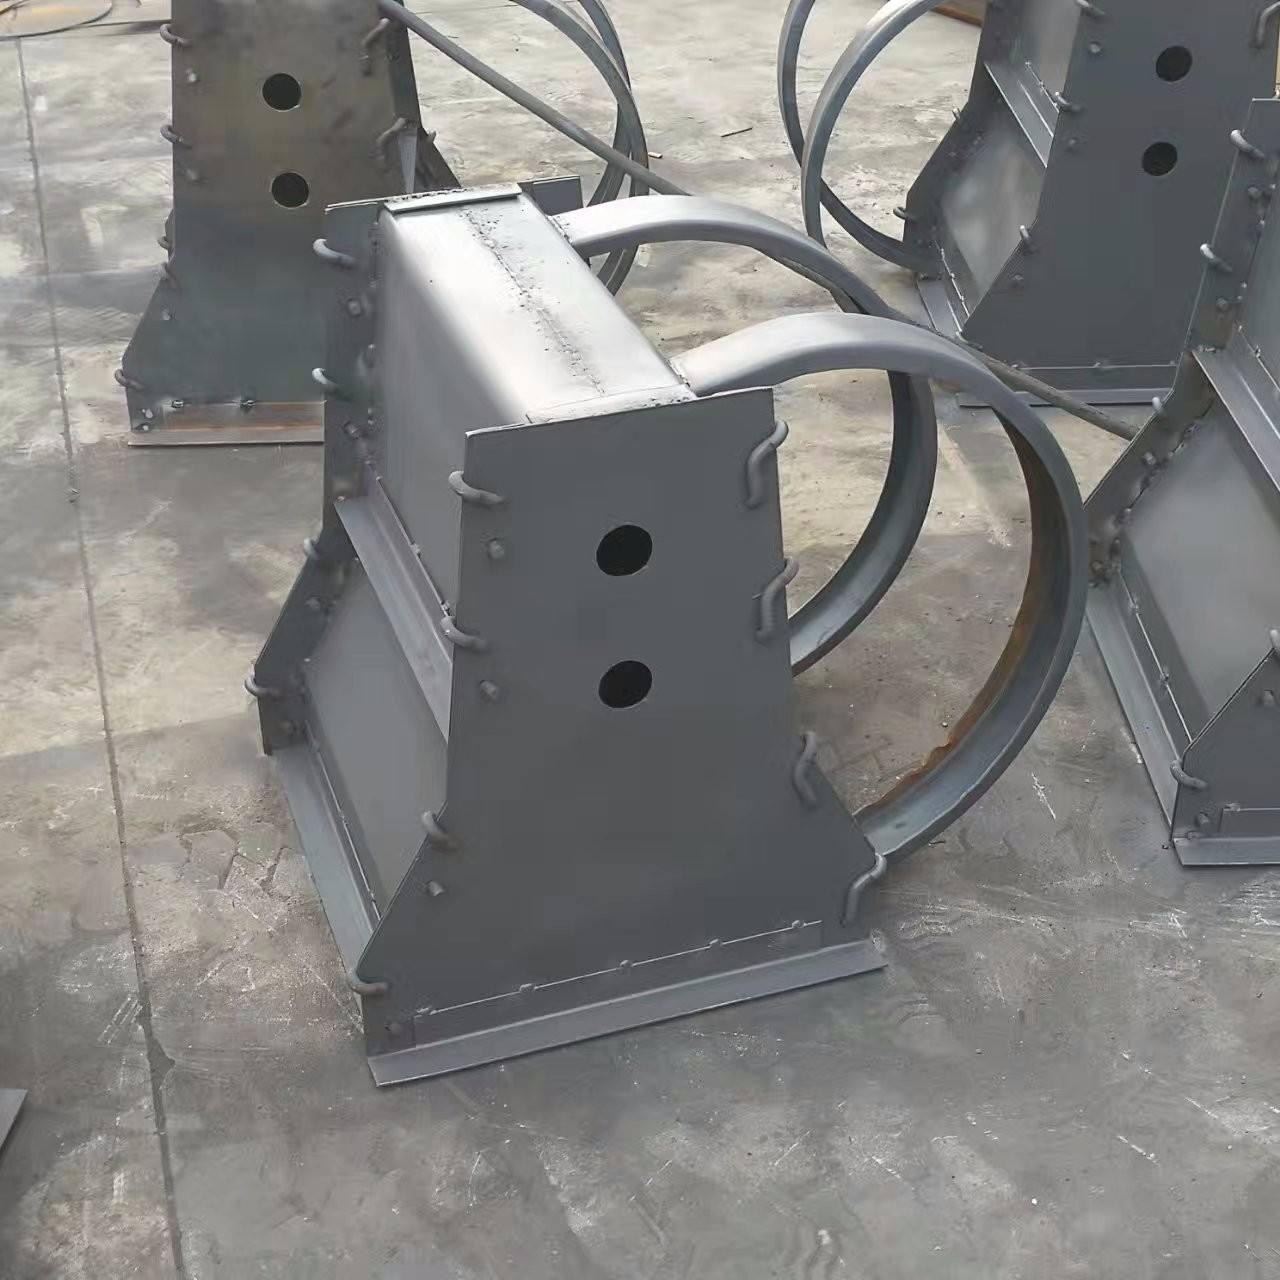 水泥隔離鋼墩模具的價格與設計構造